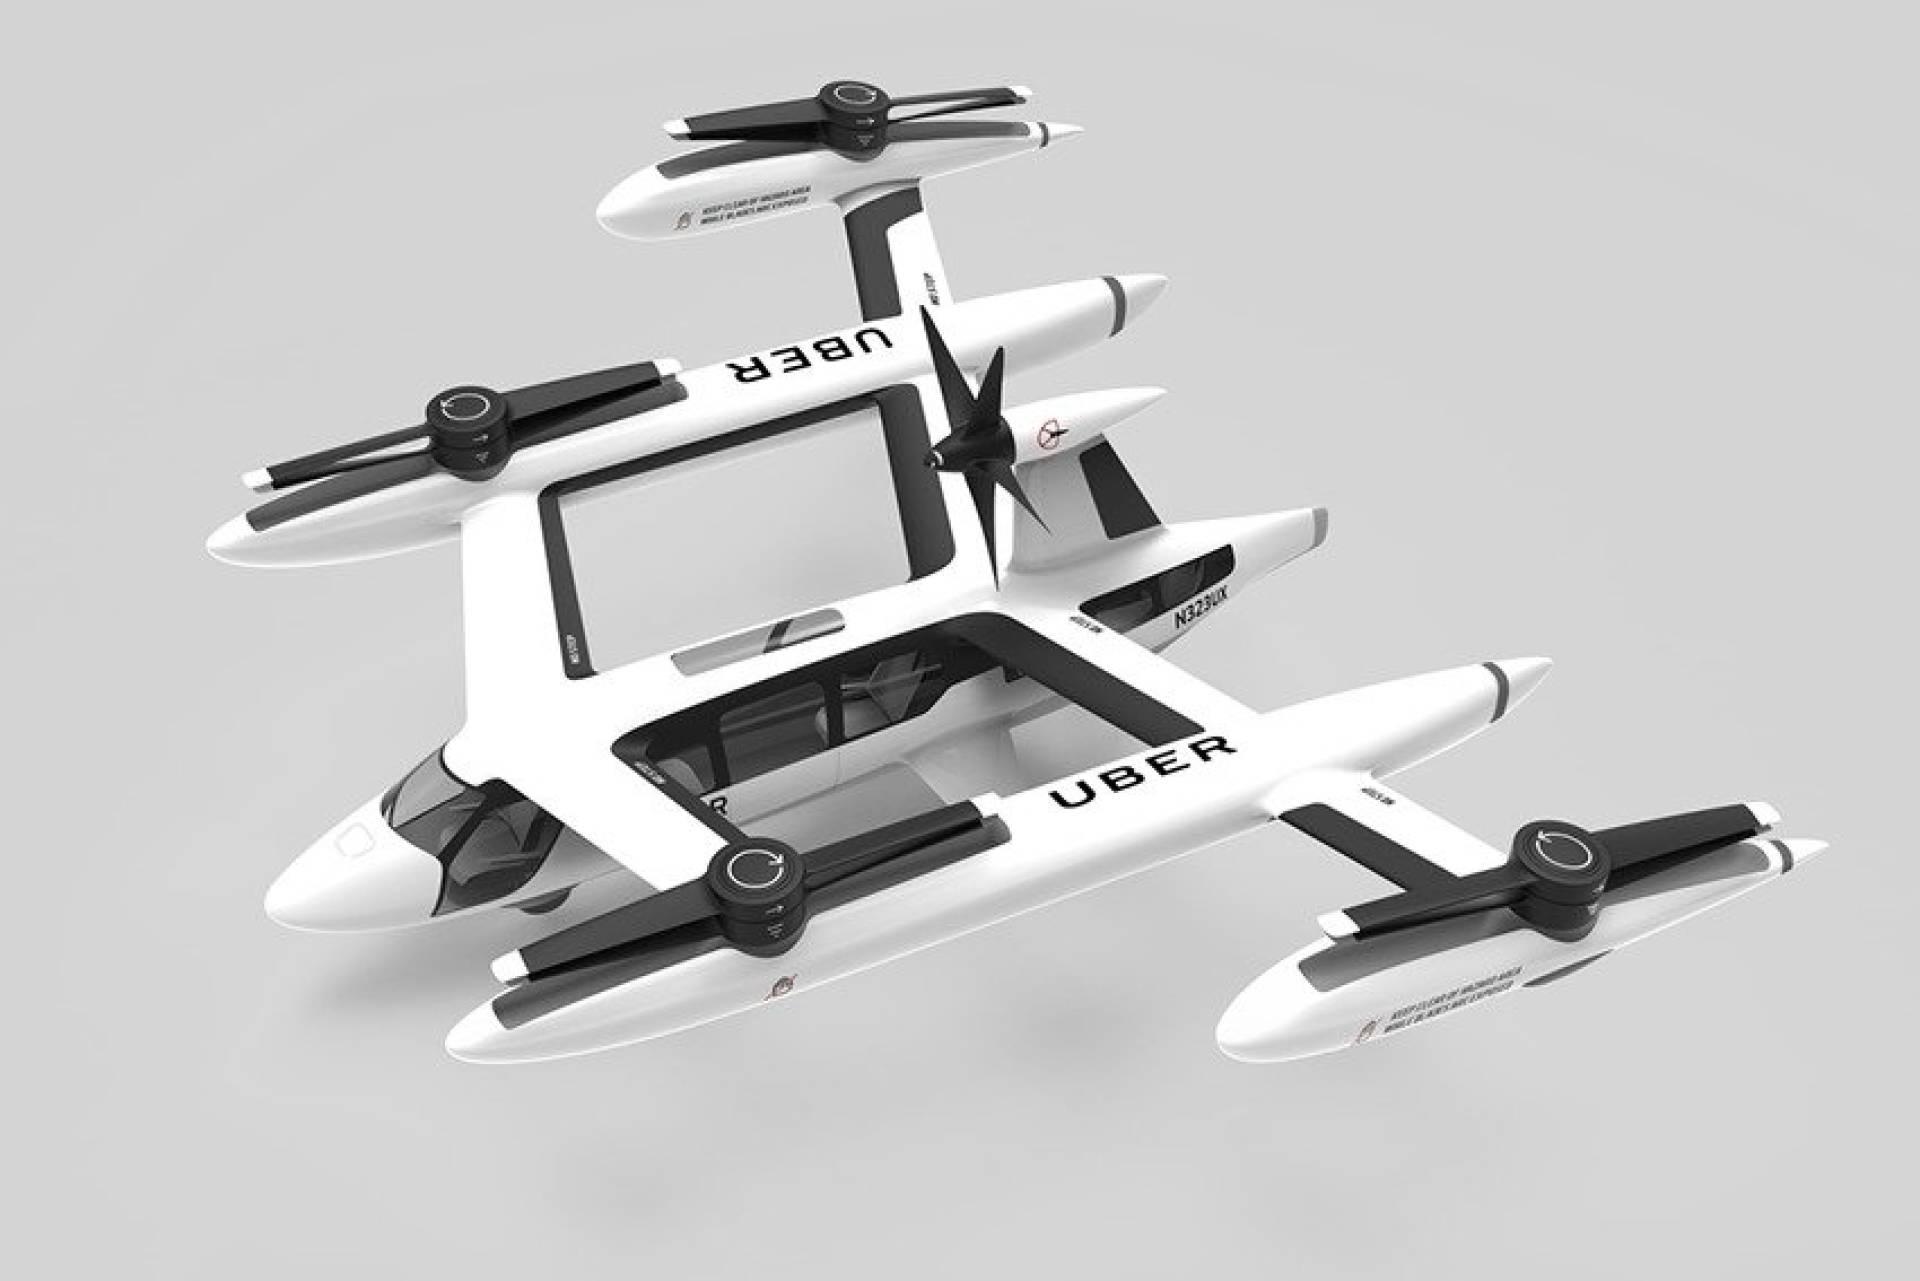 Intel promette taxi volanti entro cinque anni